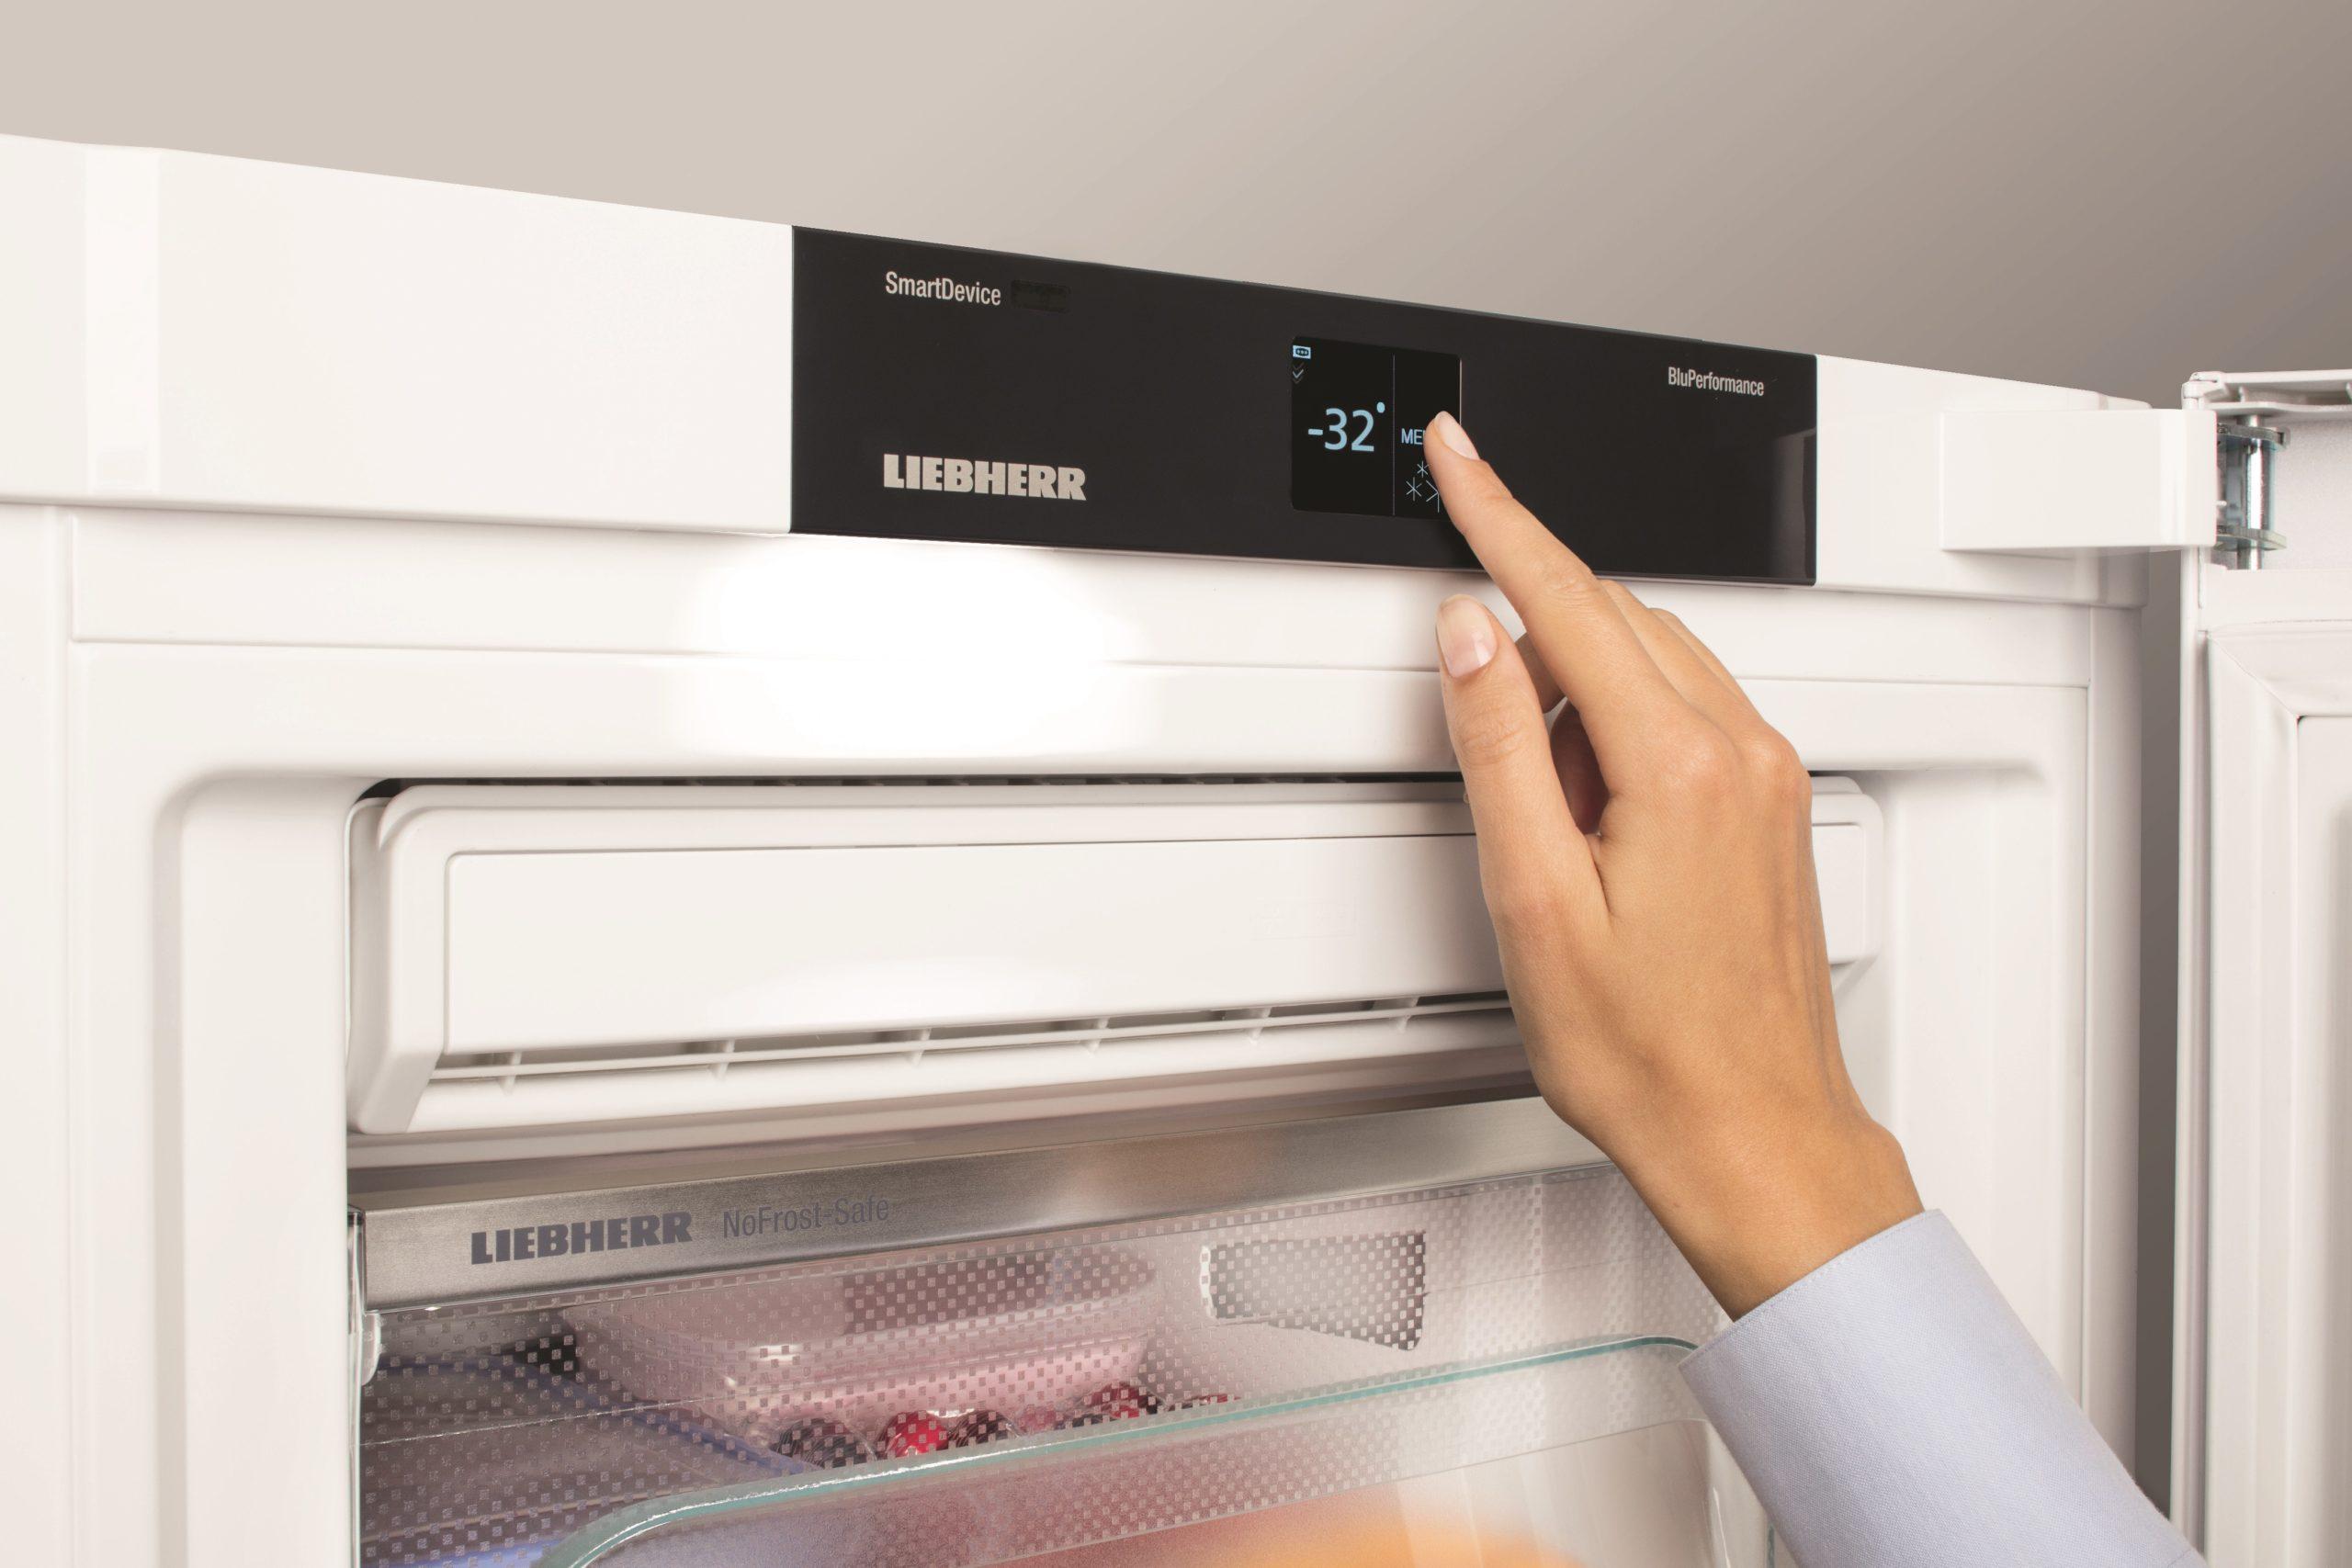 Процесс подготовки к отключению холодильника